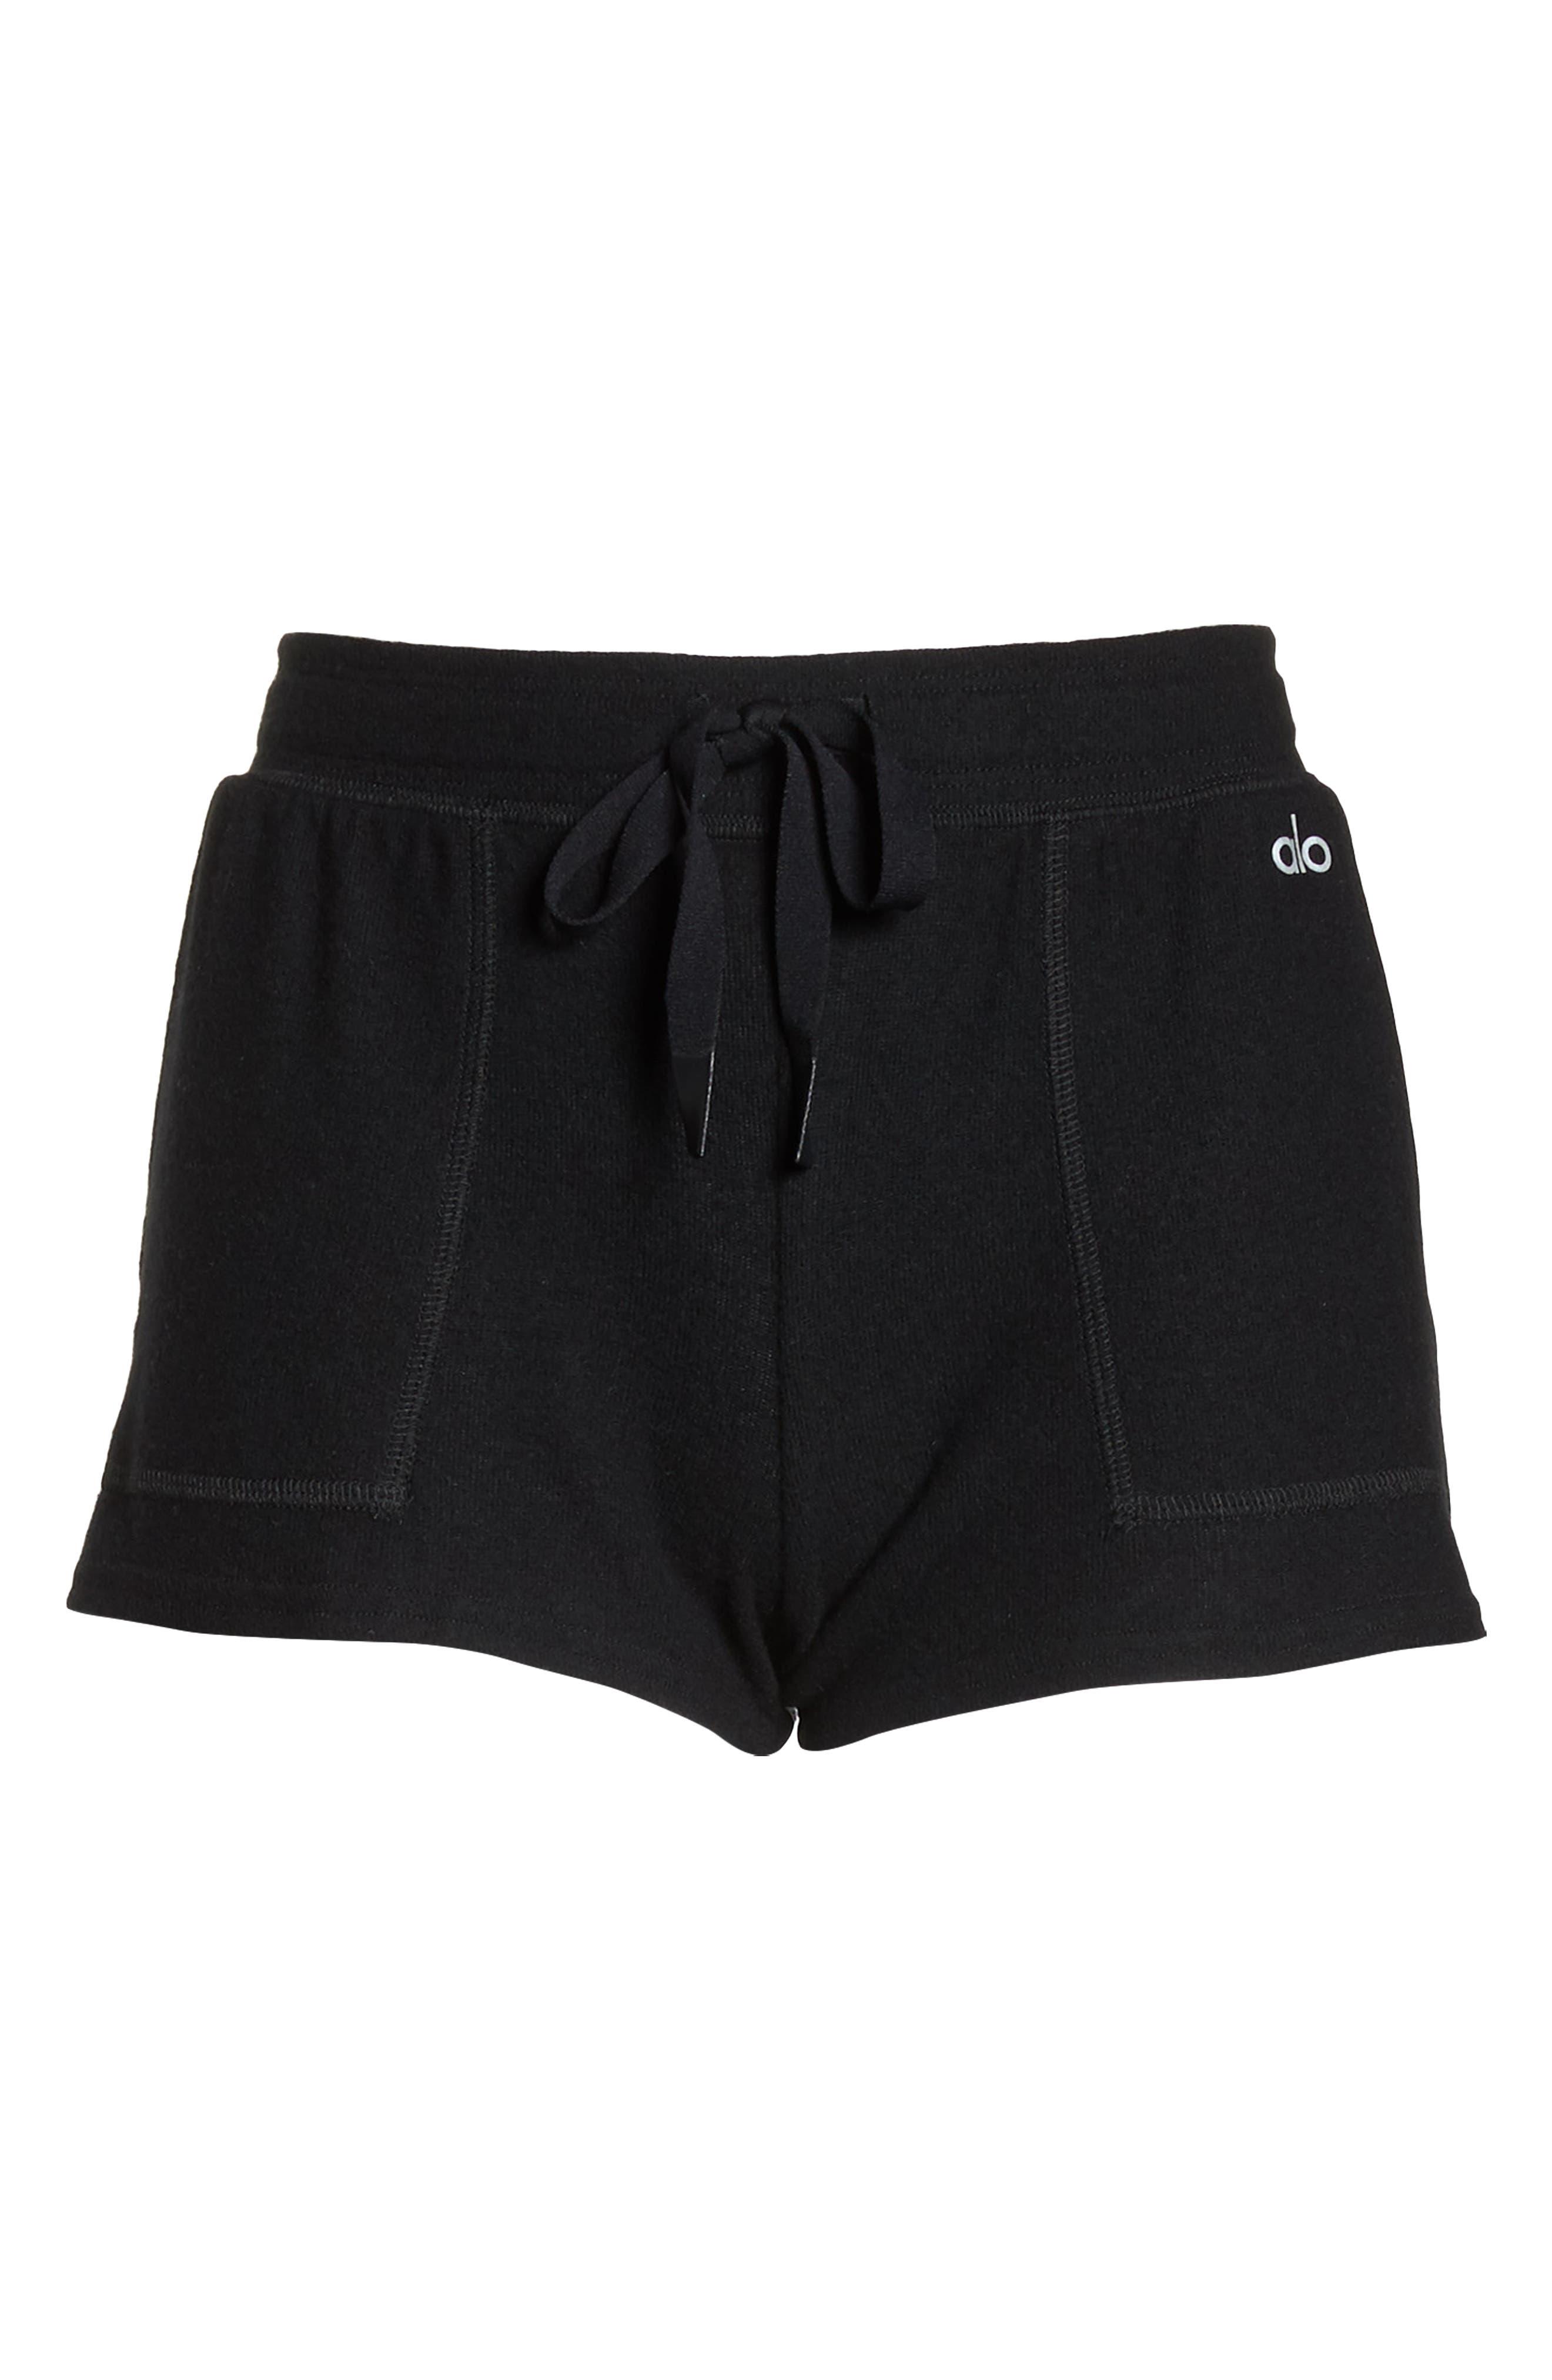 Daze Shorts,                             Alternate thumbnail 7, color,                             BLACK